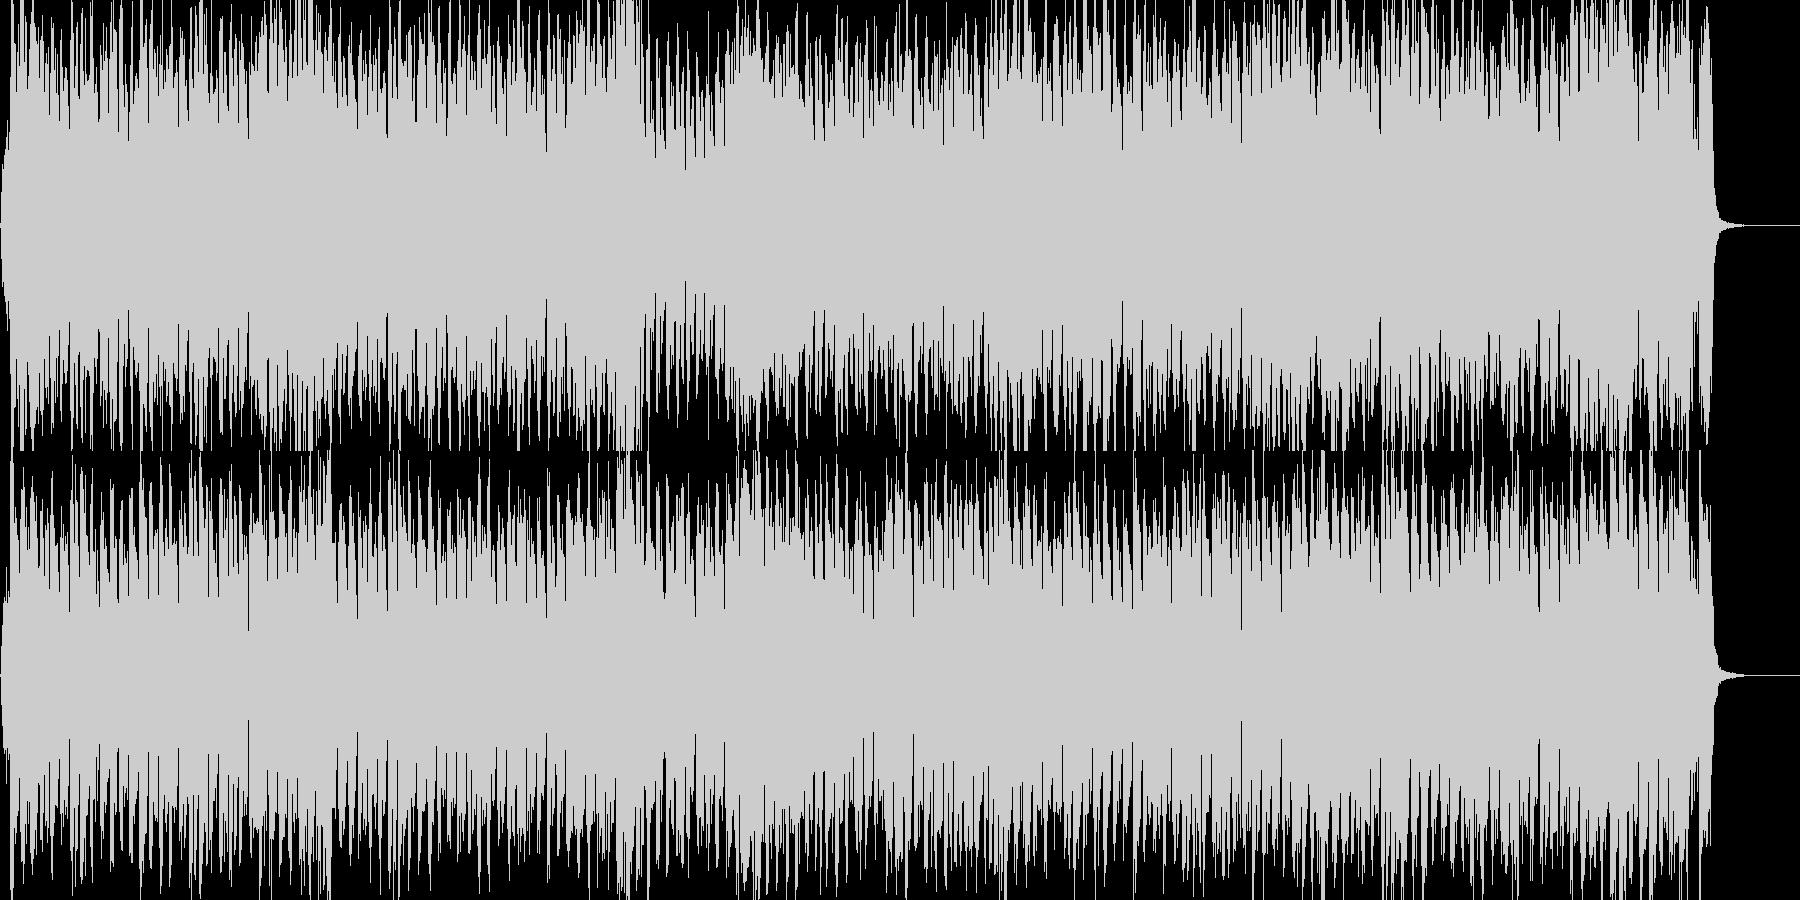 ストリングスが爽やかな4つ打ちポップの未再生の波形